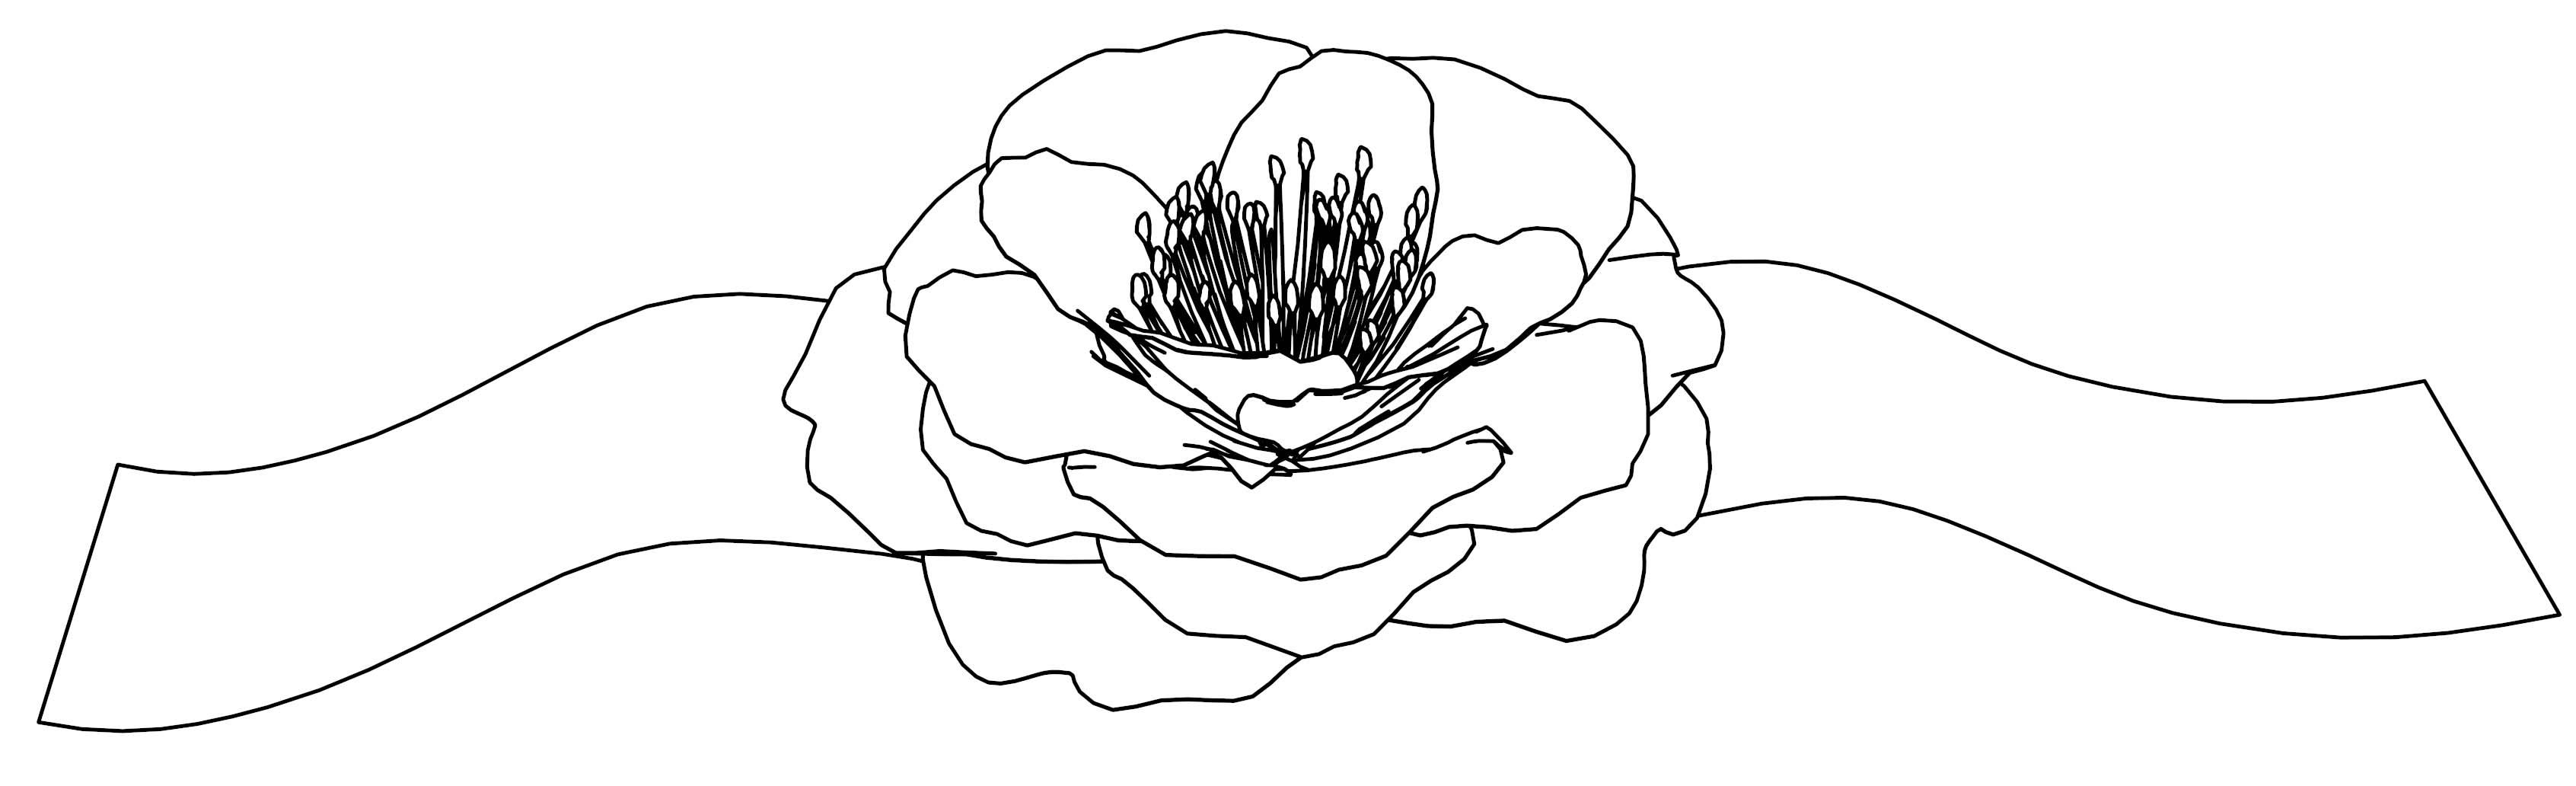 Ribbon Flower Jiang Coloring Page